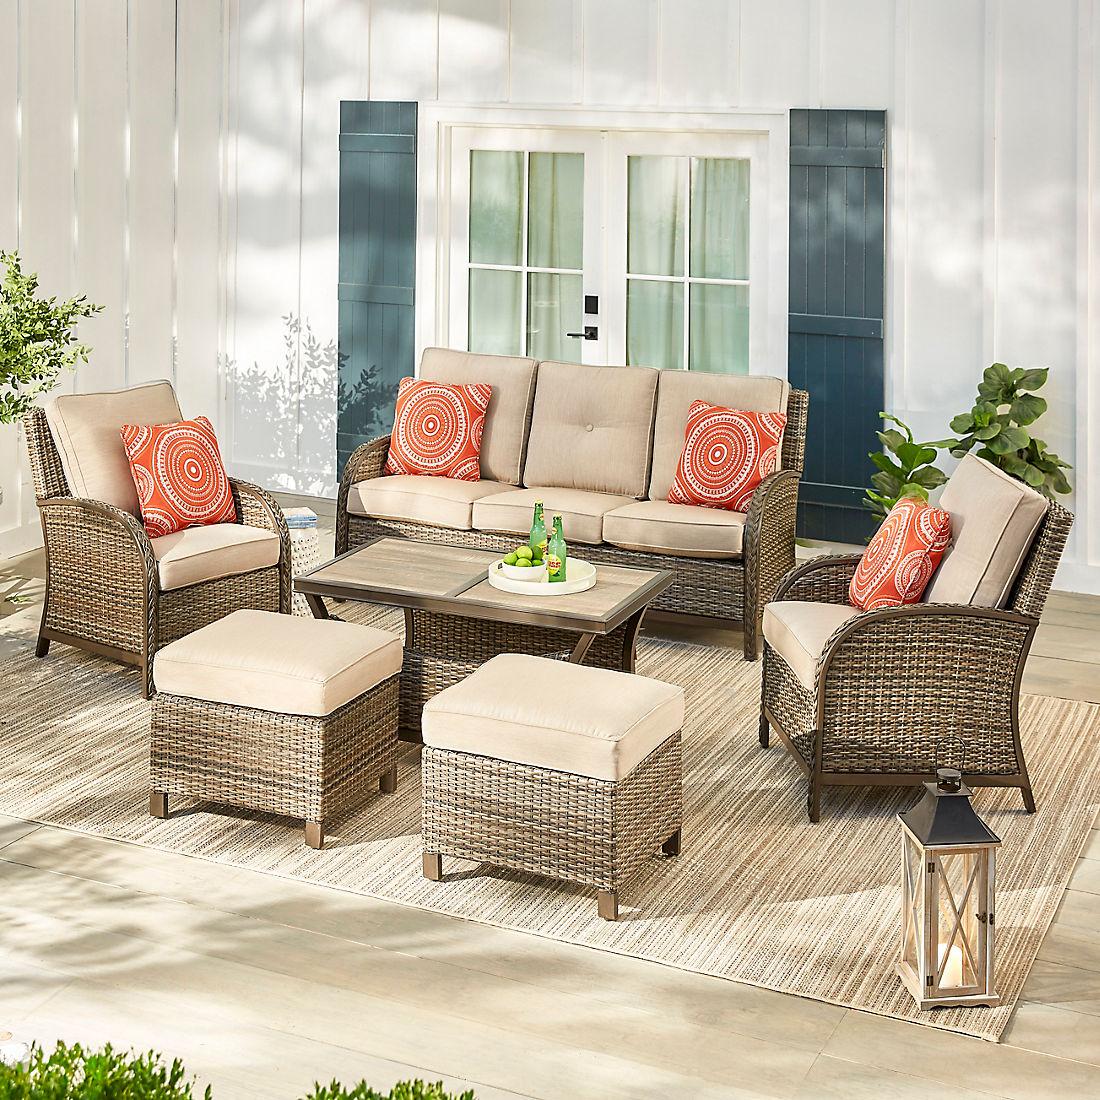 Magnificent Berkley Jensen Casco Bay 6 Pc Deep Seating Set Brown Unemploymentrelief Wooden Chair Designs For Living Room Unemploymentrelieforg